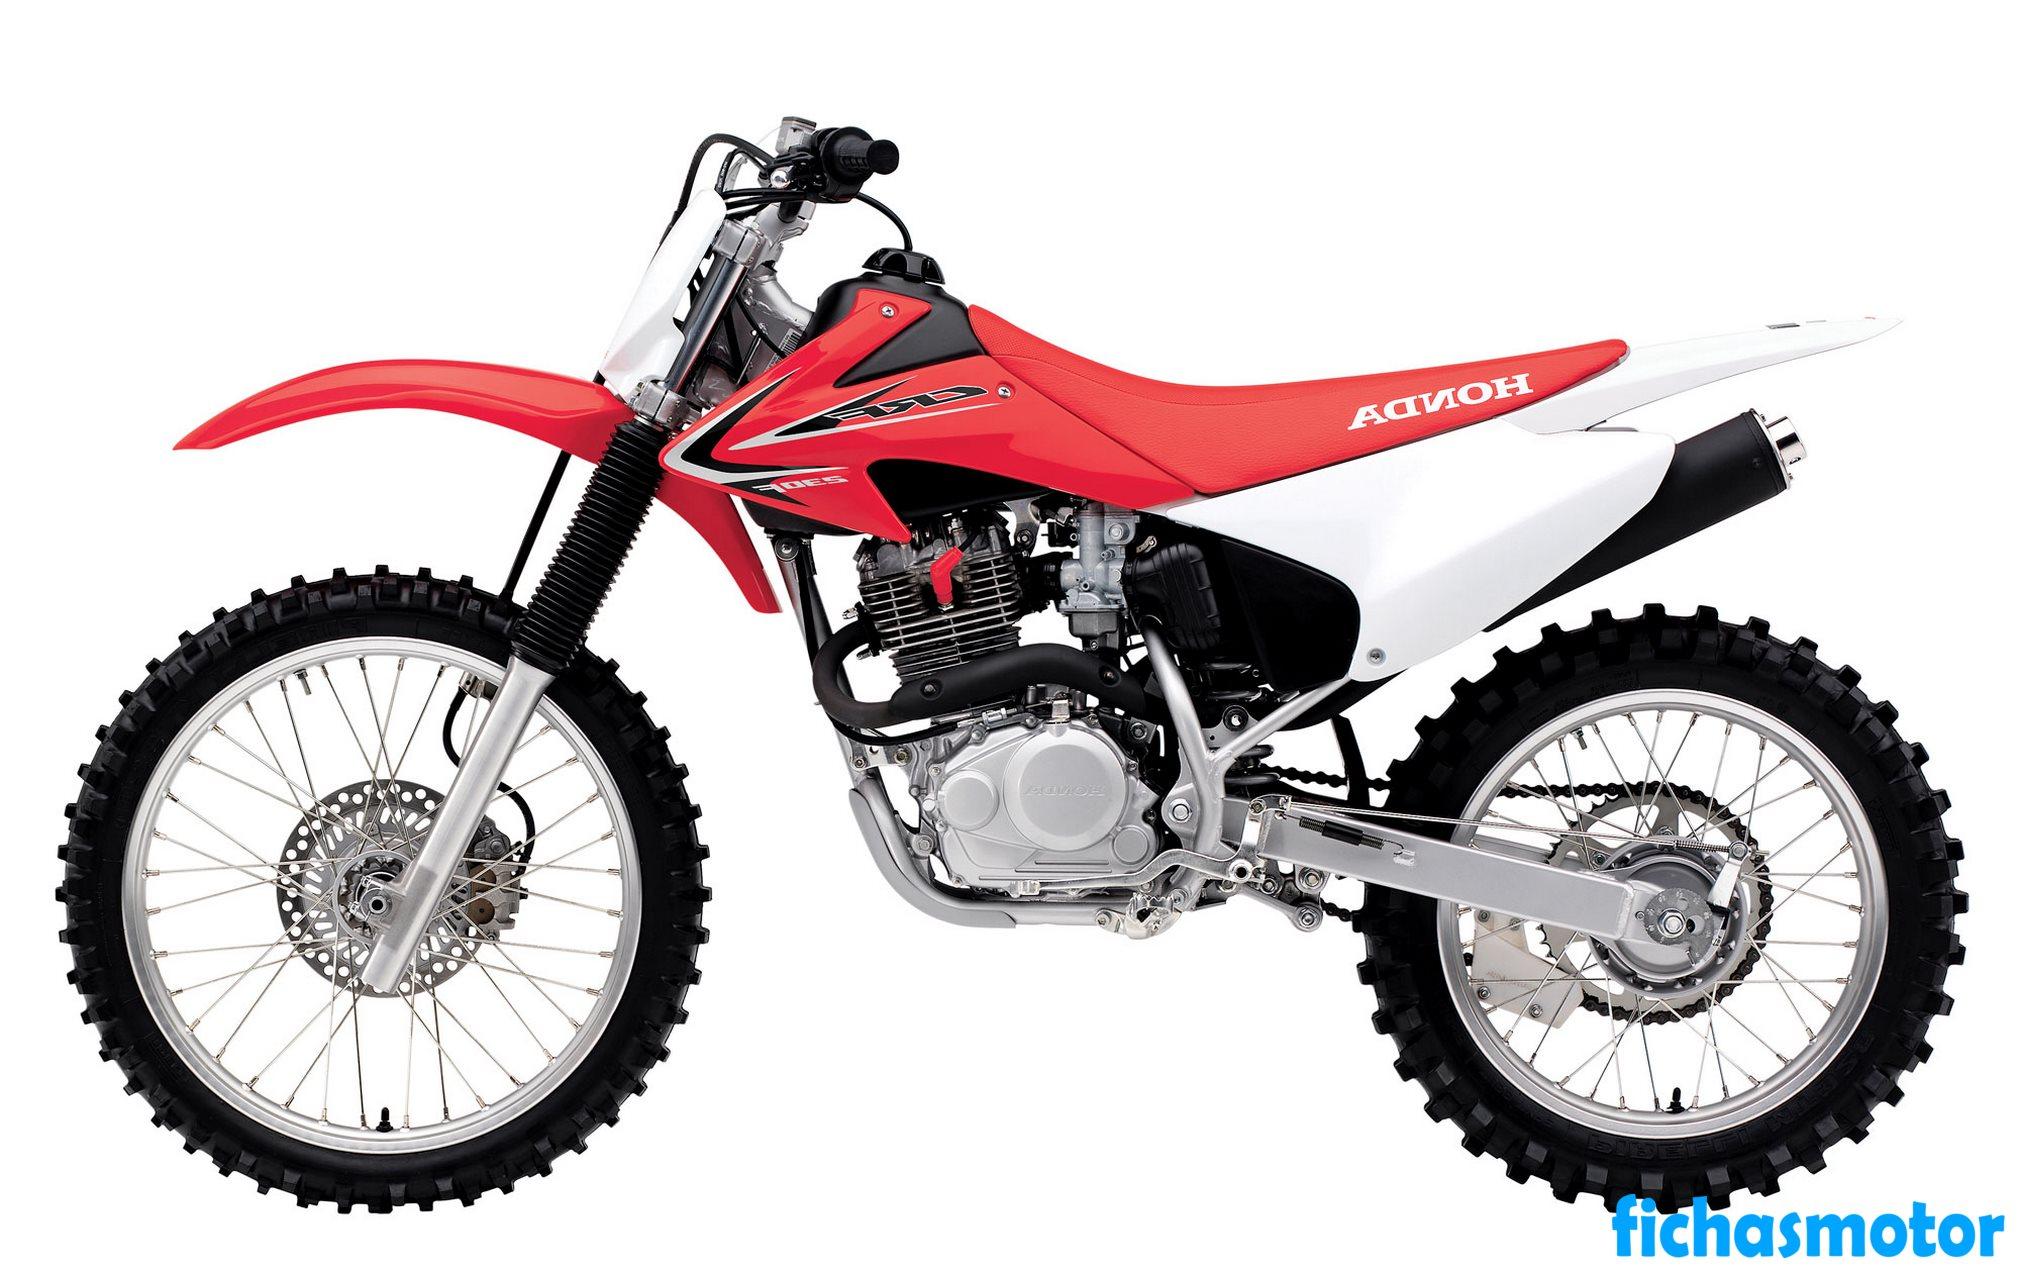 Ficha técnica Honda crf230f 2014